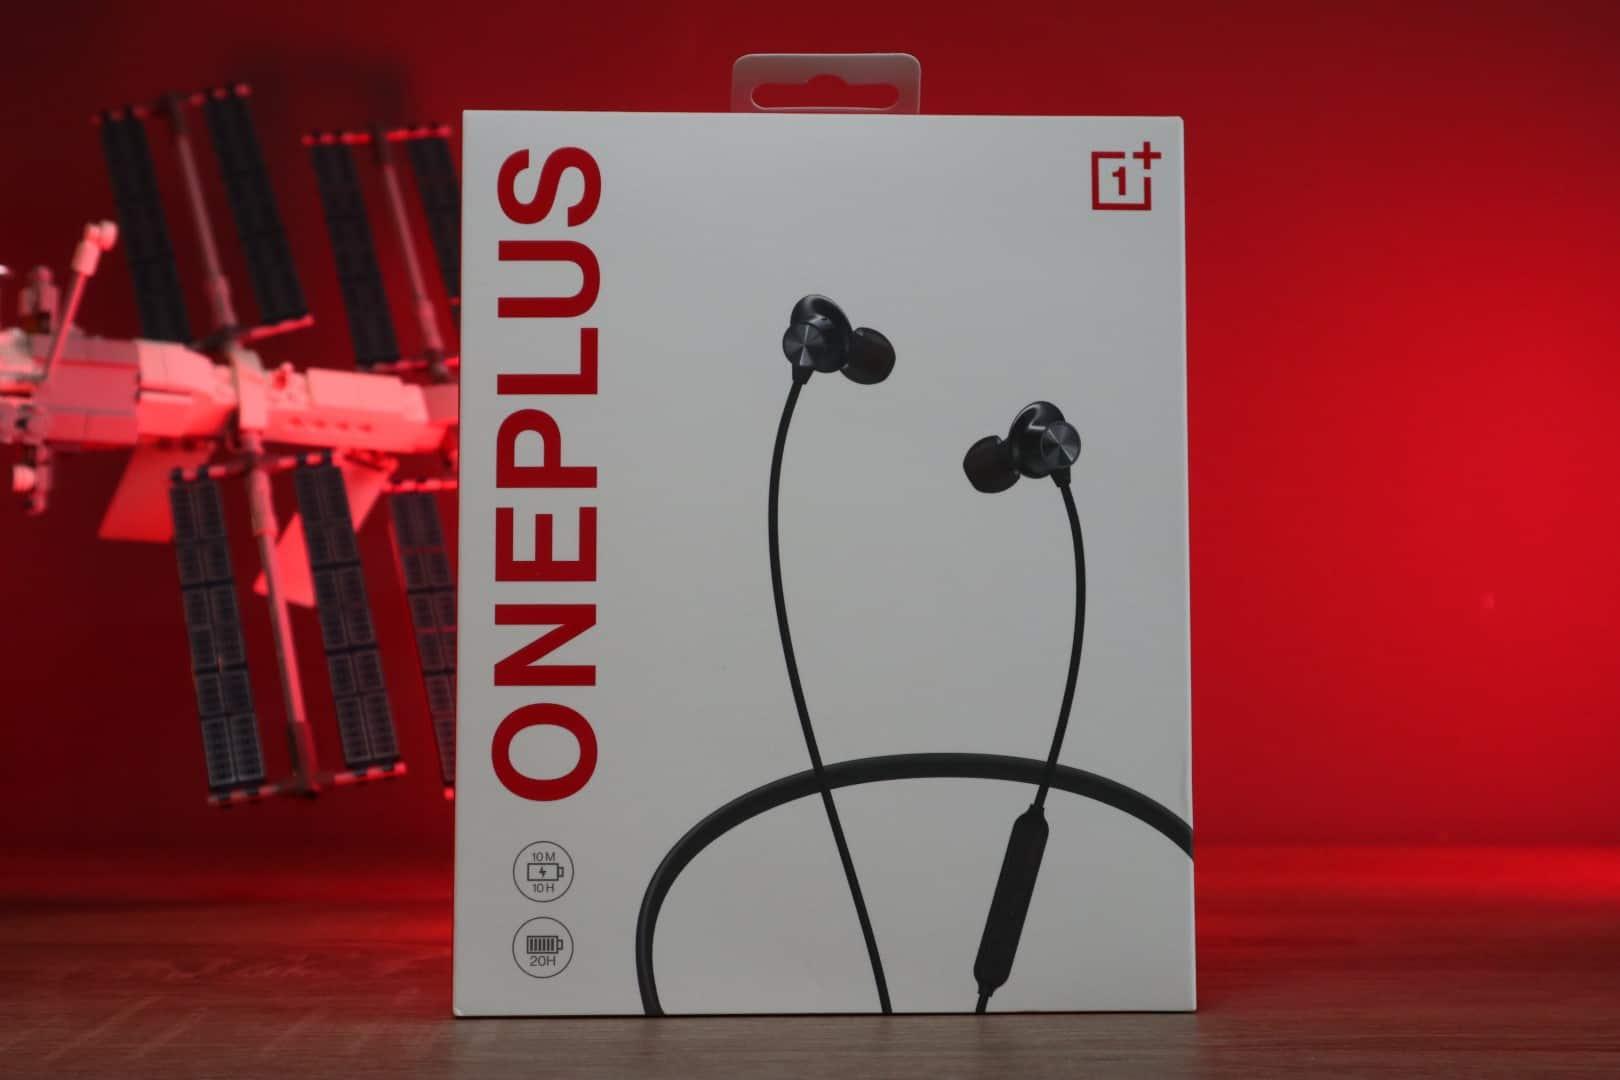 Мы неоднократно говорили о том что компания OnePlus намерена представить свои первые TWS-наушники и наконец-то стало ясно что это не просто слухи Презентация новинки